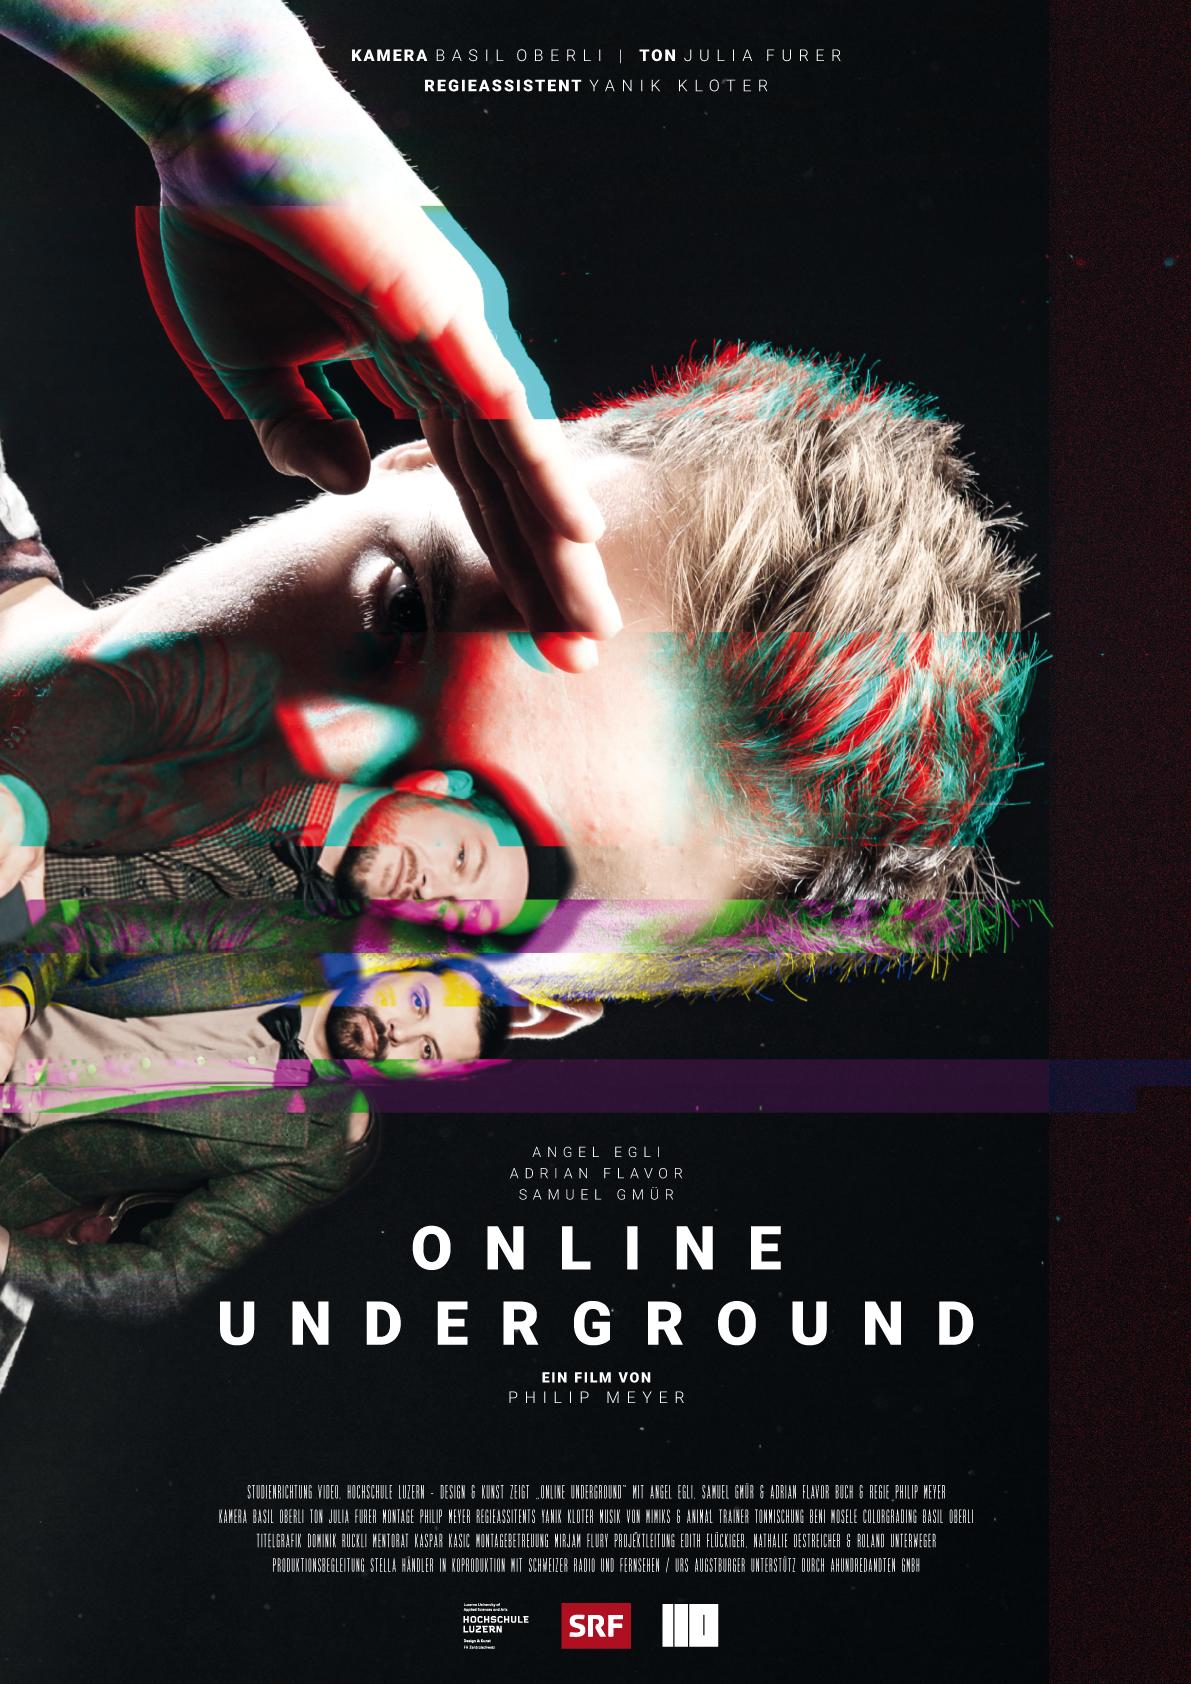 Online_Underground.png